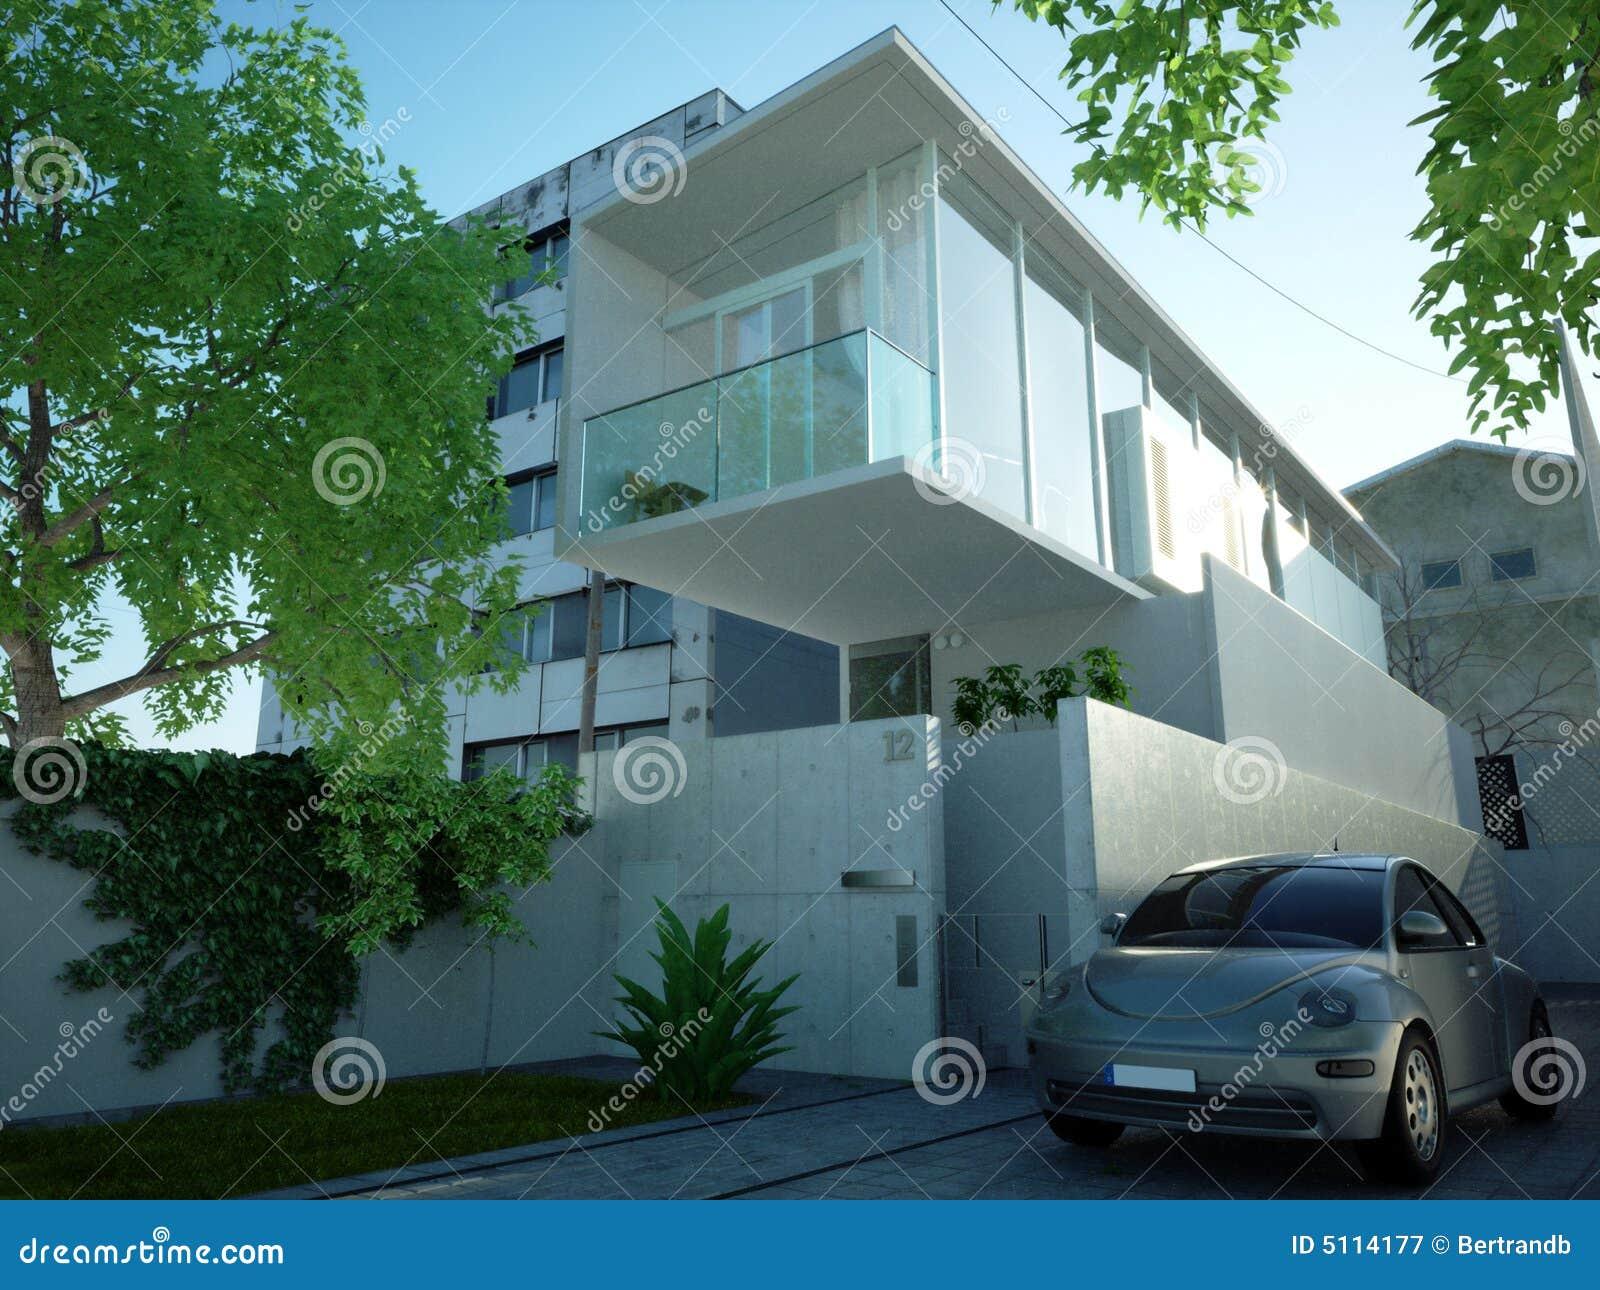 Ontwerp huis de zuidhoek nieuwkoop bnla architecten of ontwerp